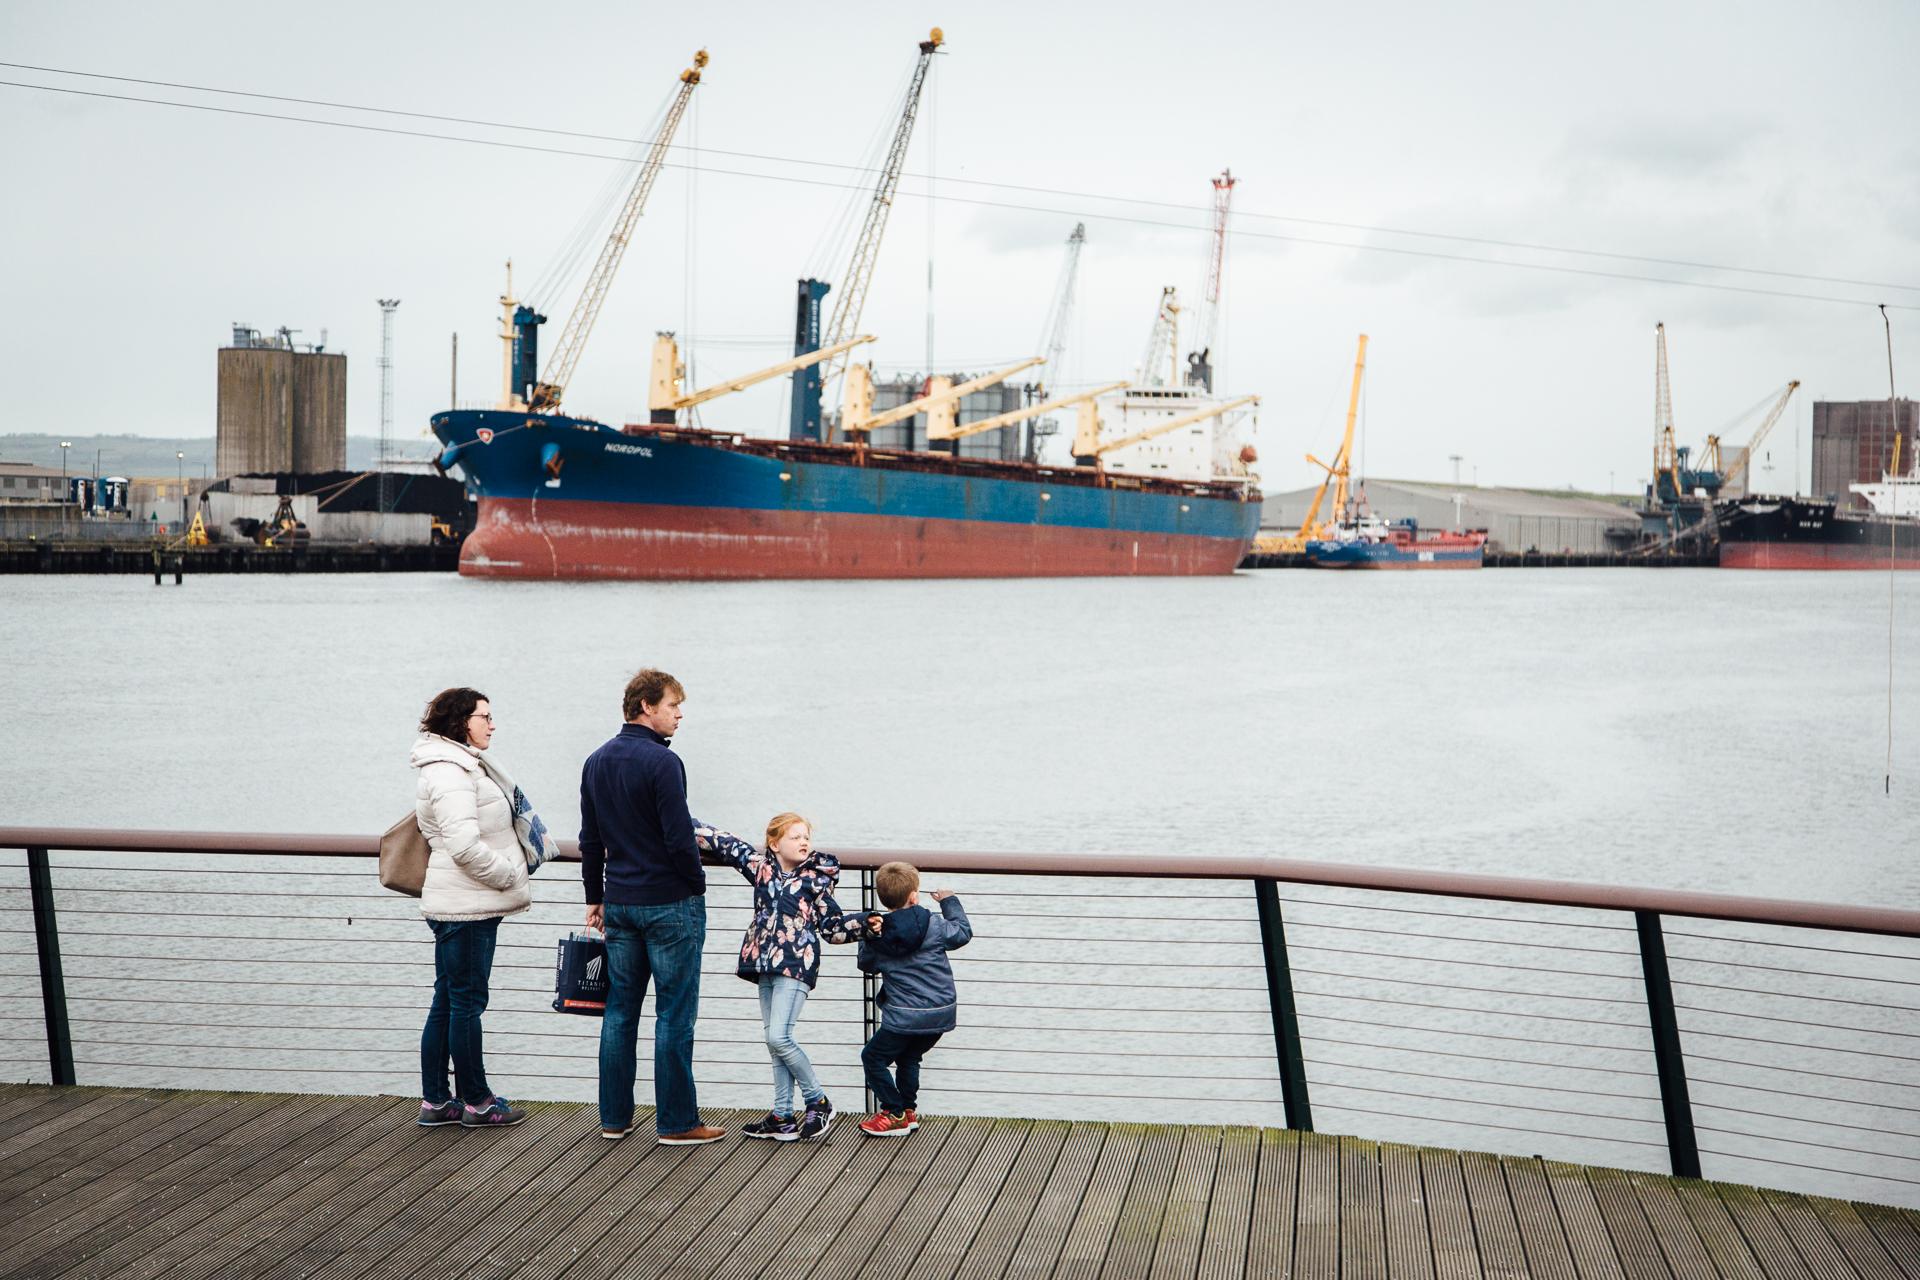 Belfast, le 24 Février 2017. Chantier naval sur lequel a été construit le Titanic. Le chantier erst aujourd'hui devenu l'une des attractions touristiques majeures de la ville.